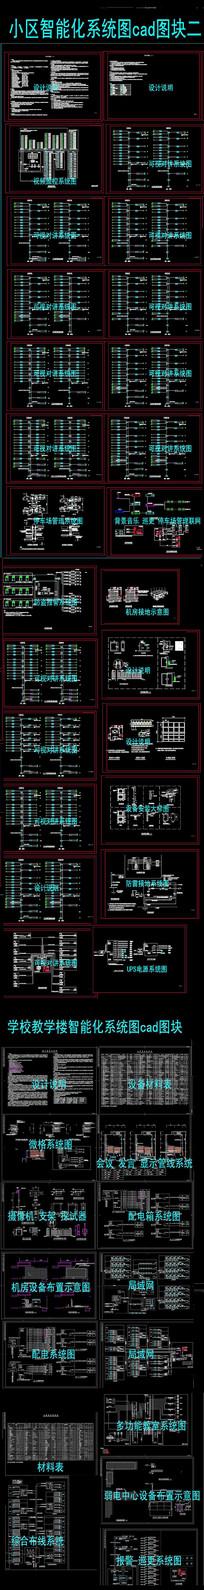 小区学校智能化系统图纸